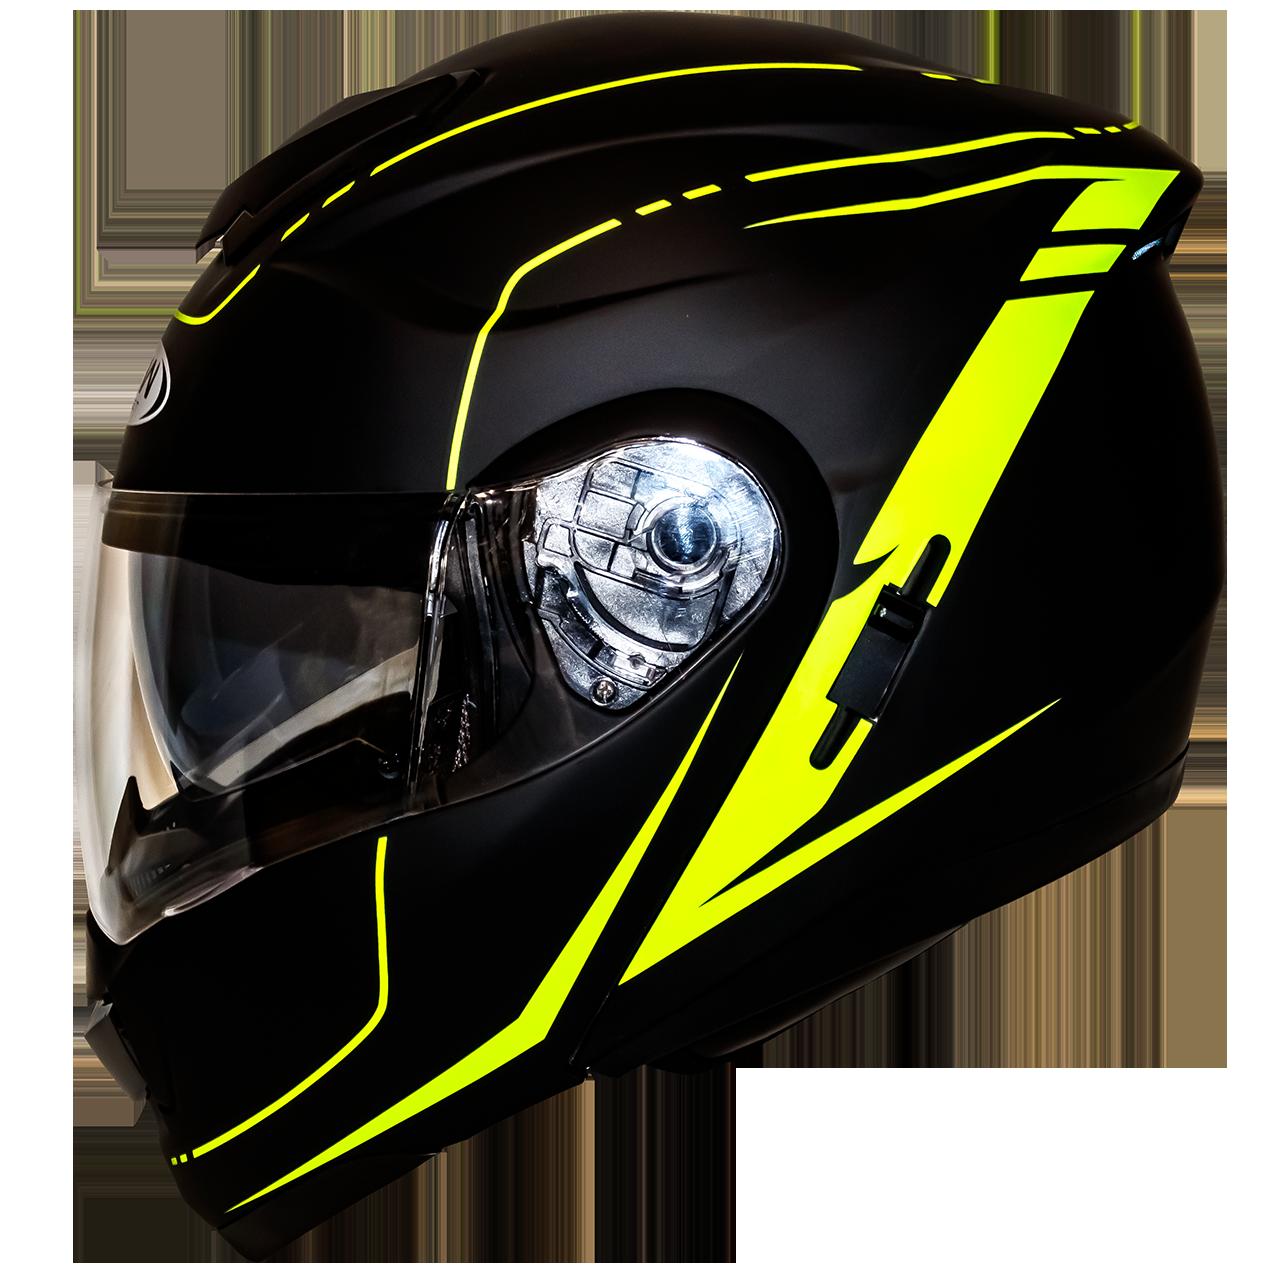 Мотошлем HF-119 matte black-yellow шлем трансформер, Flip-Up с солнцезащитными очками, матовый чёрный с жёлтым